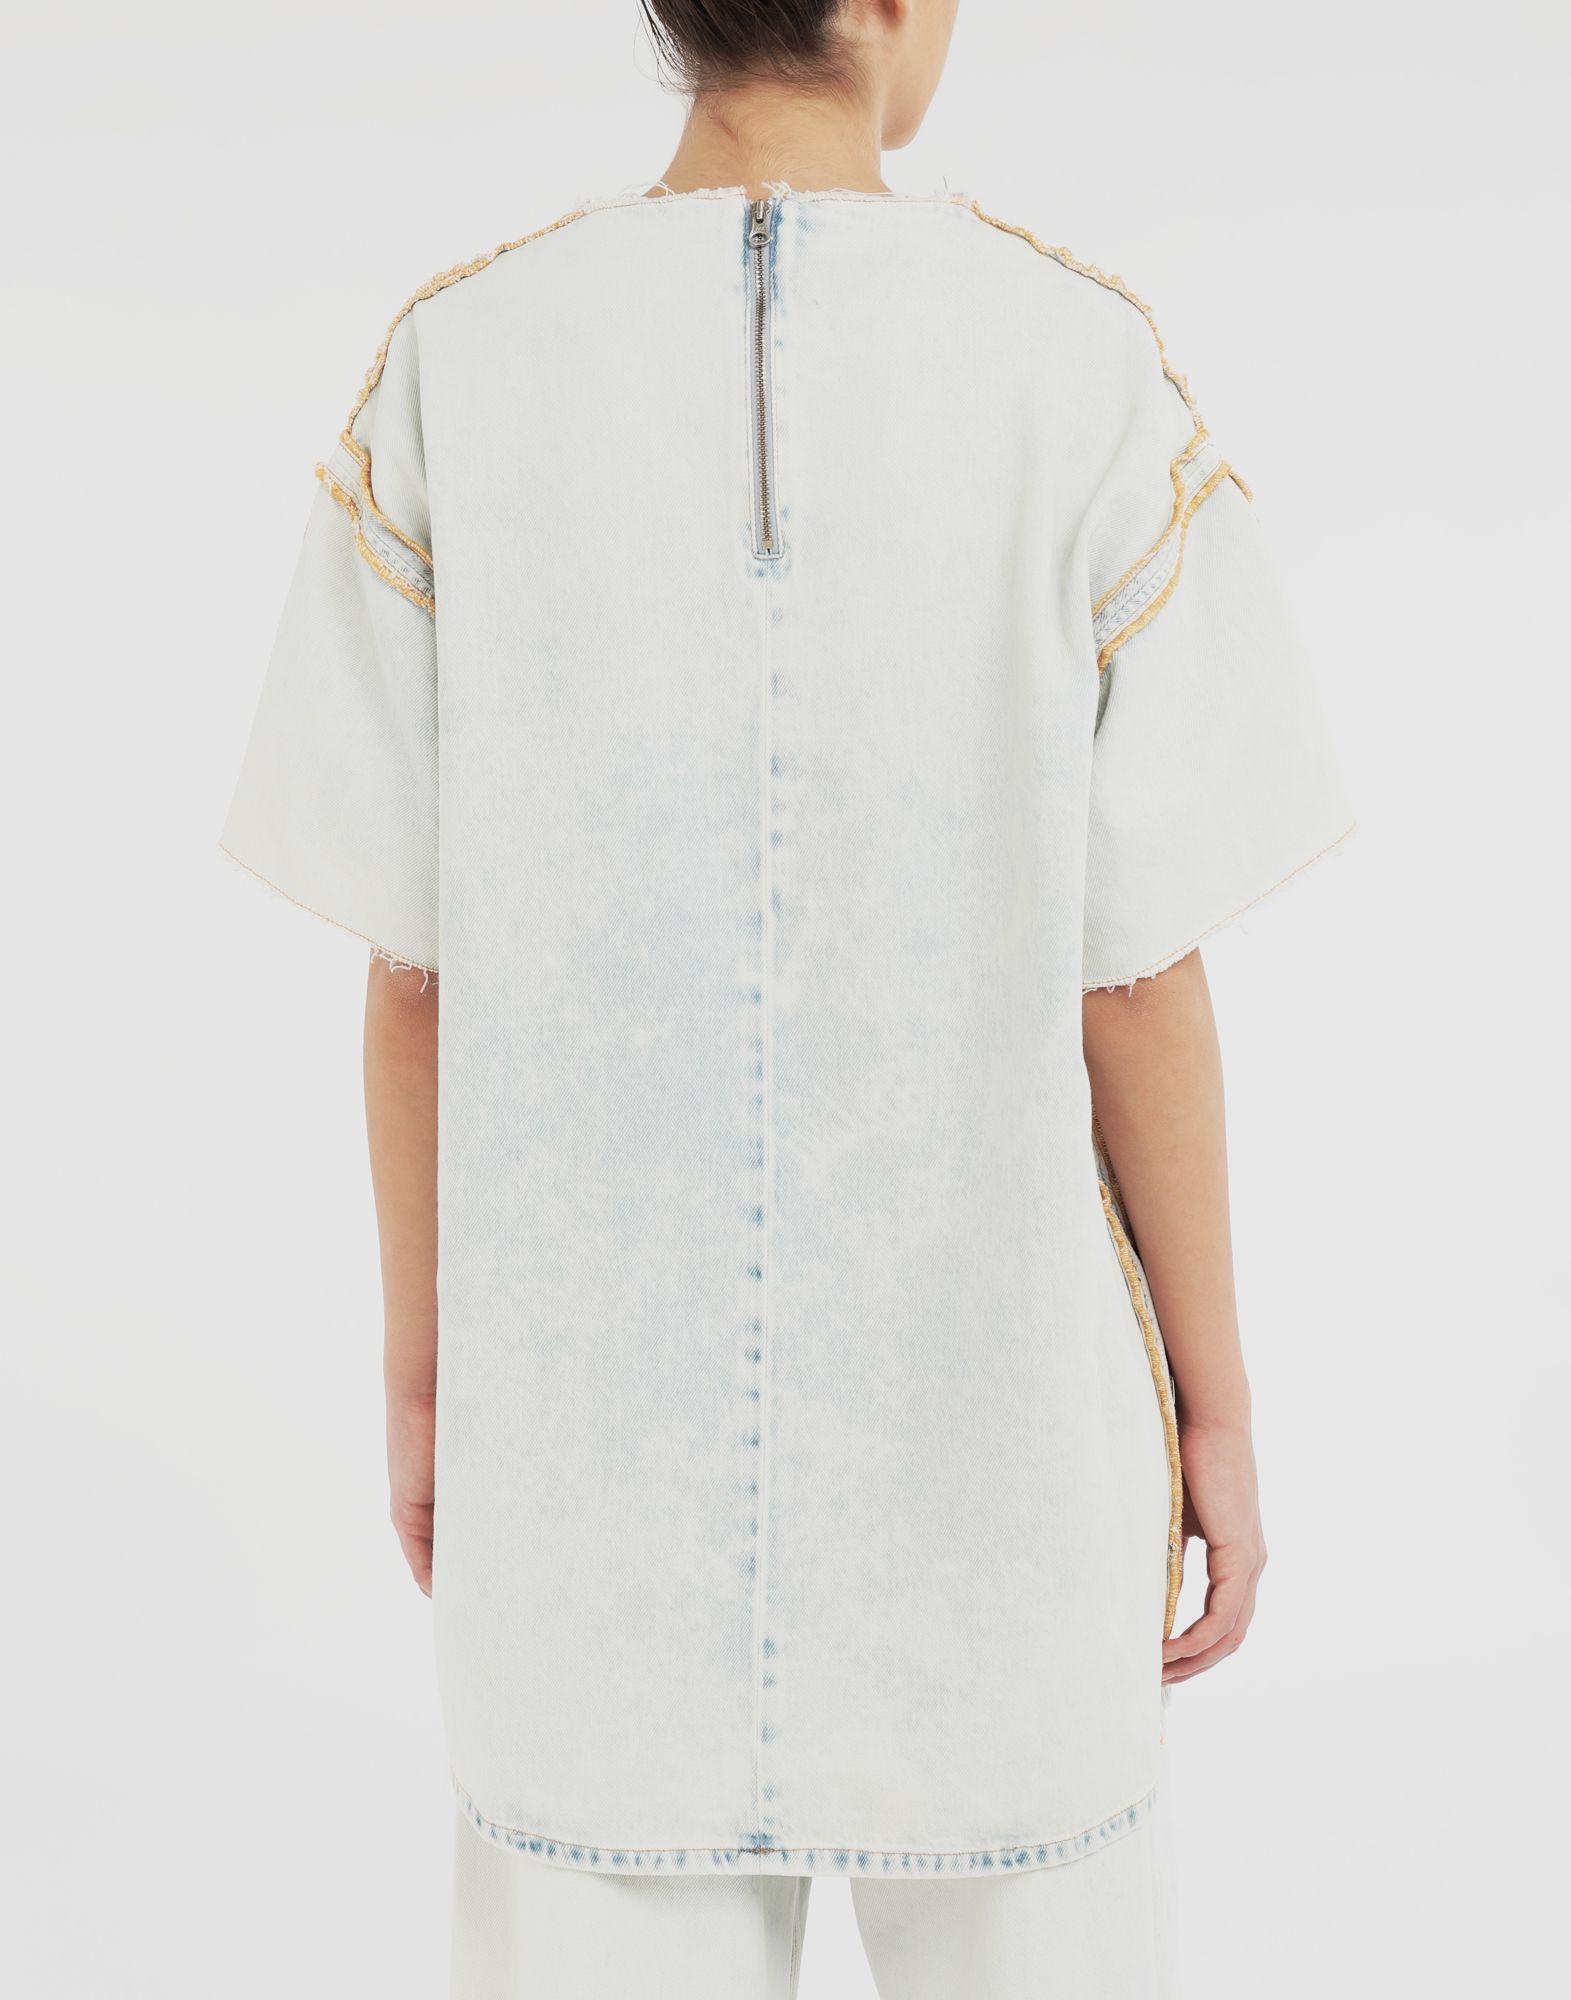 MM6 MAISON MARGIELA Abito T-shirt con logo Vestito Donna e